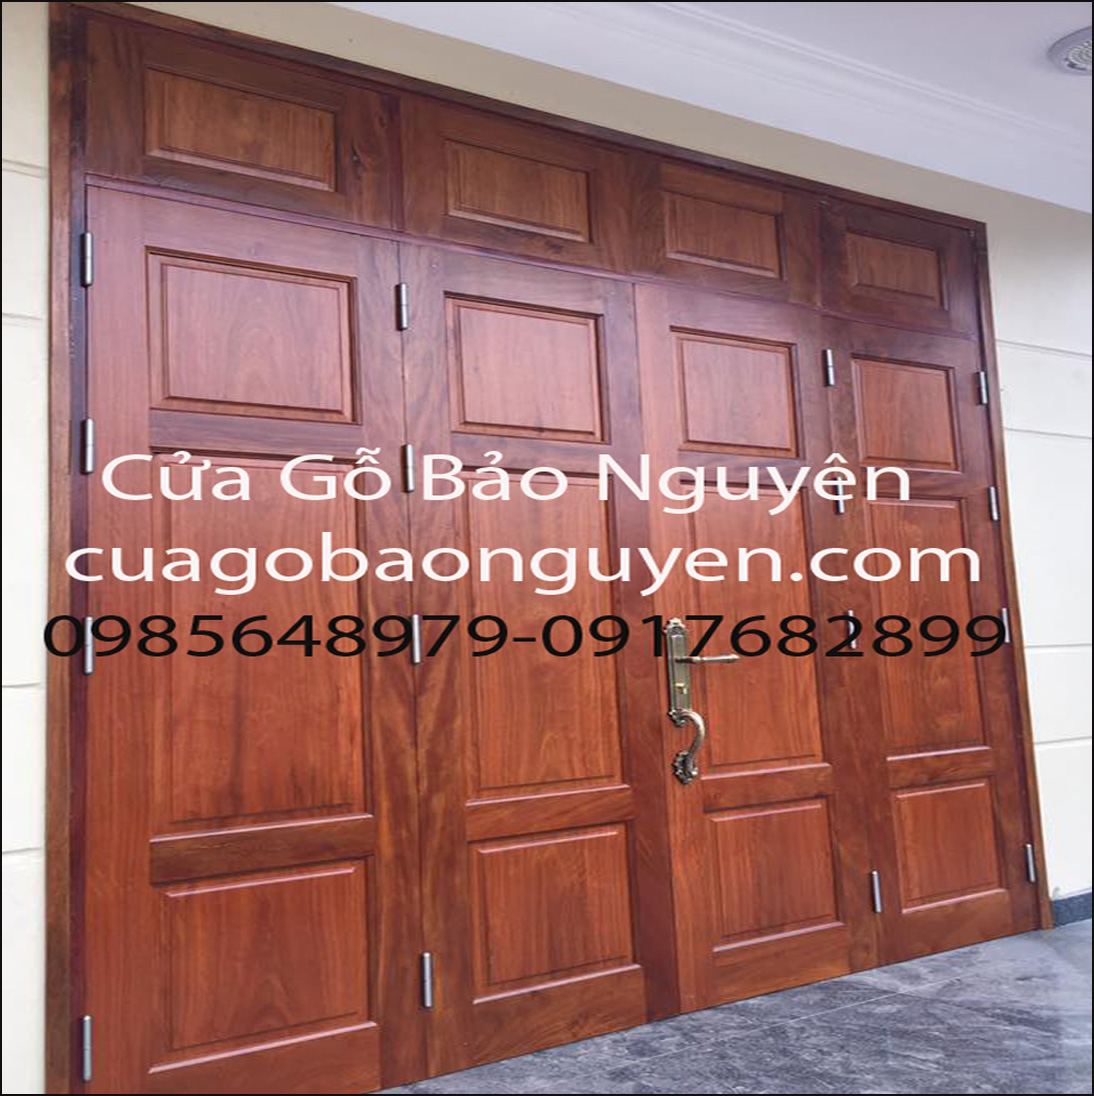 cửa gỗ lim lào 4 cánh